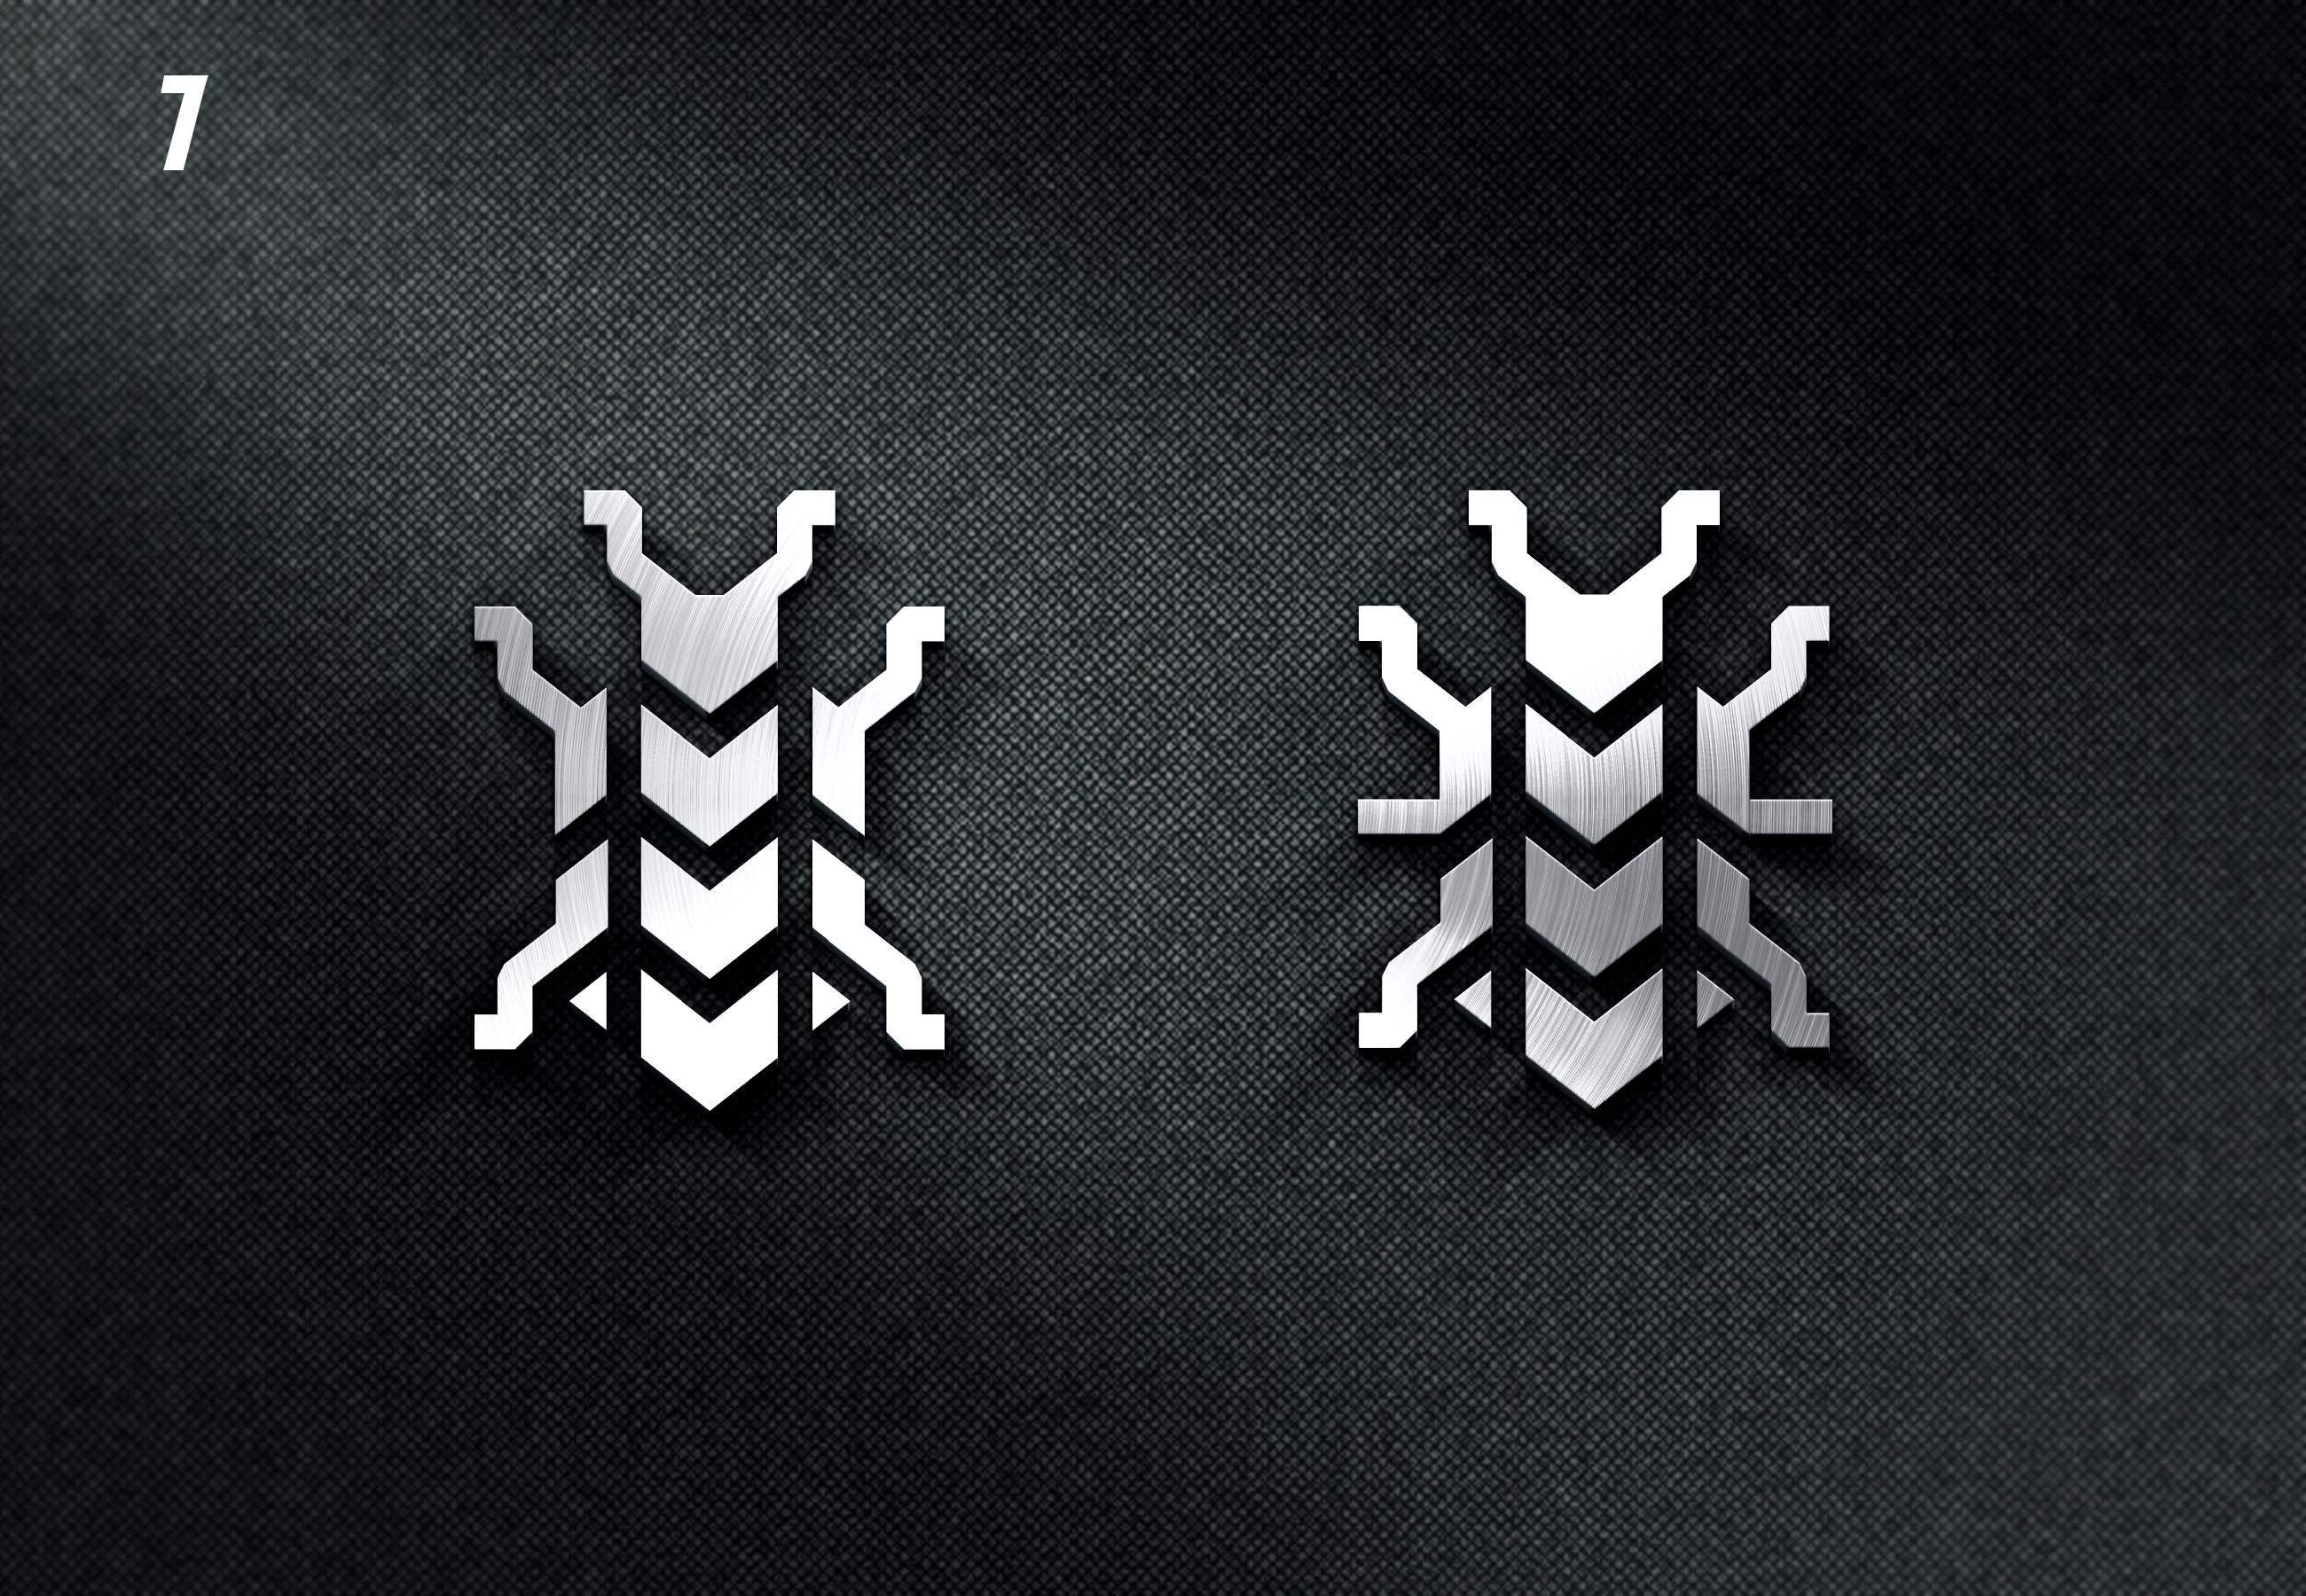 Нужен логотип (эмблема) для самодельного квадроцикла фото f_6865b10335a6b4e3.jpg